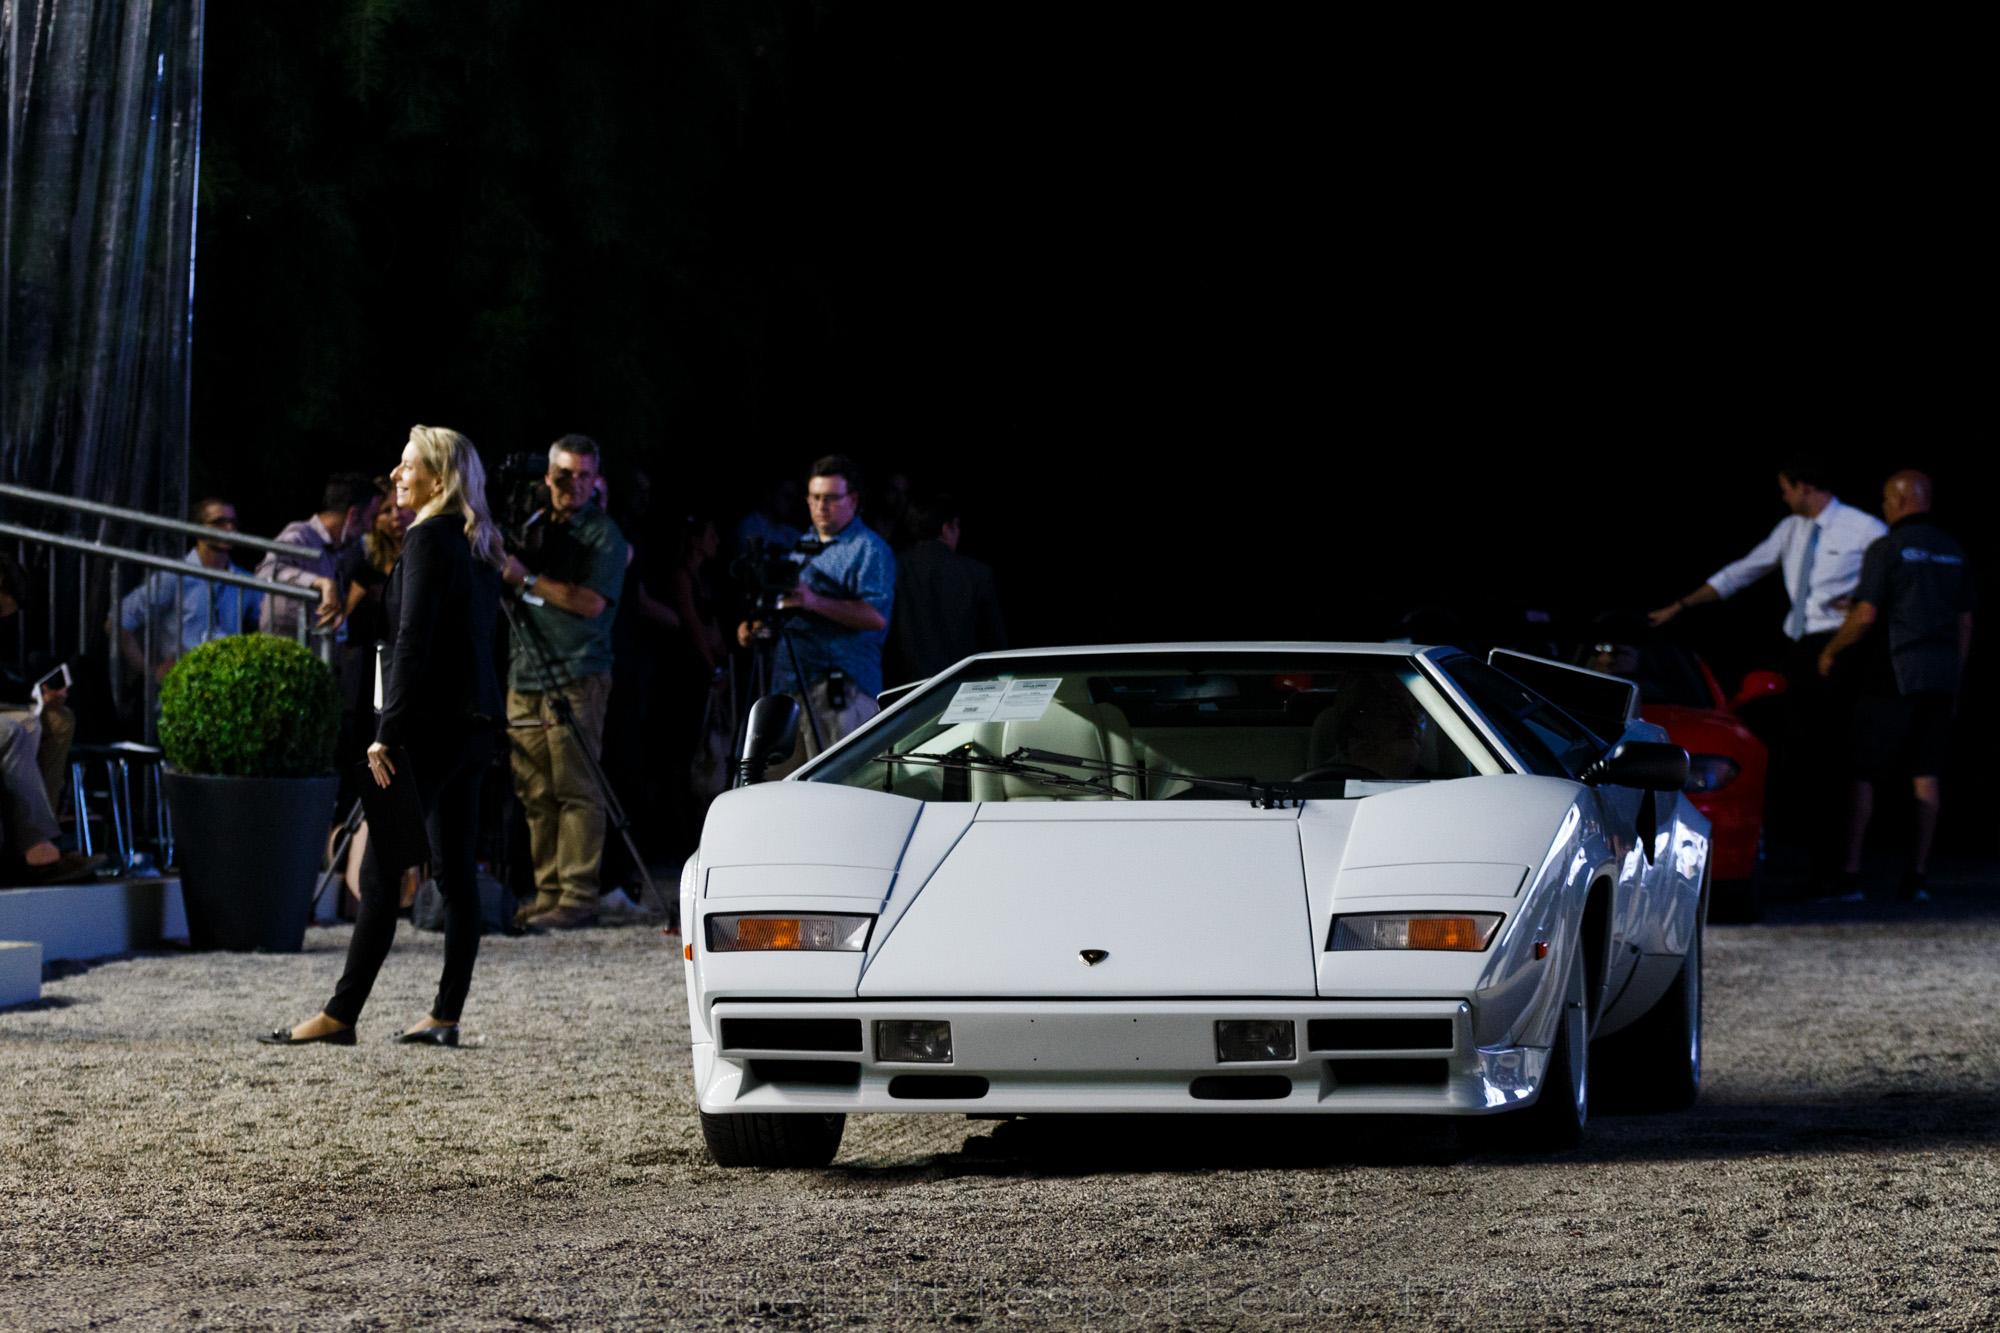 Lot 164 : Lamborghini Countach 5000 QV, invendue. Elle était estimée entre 475 000 et 575 000 euros.